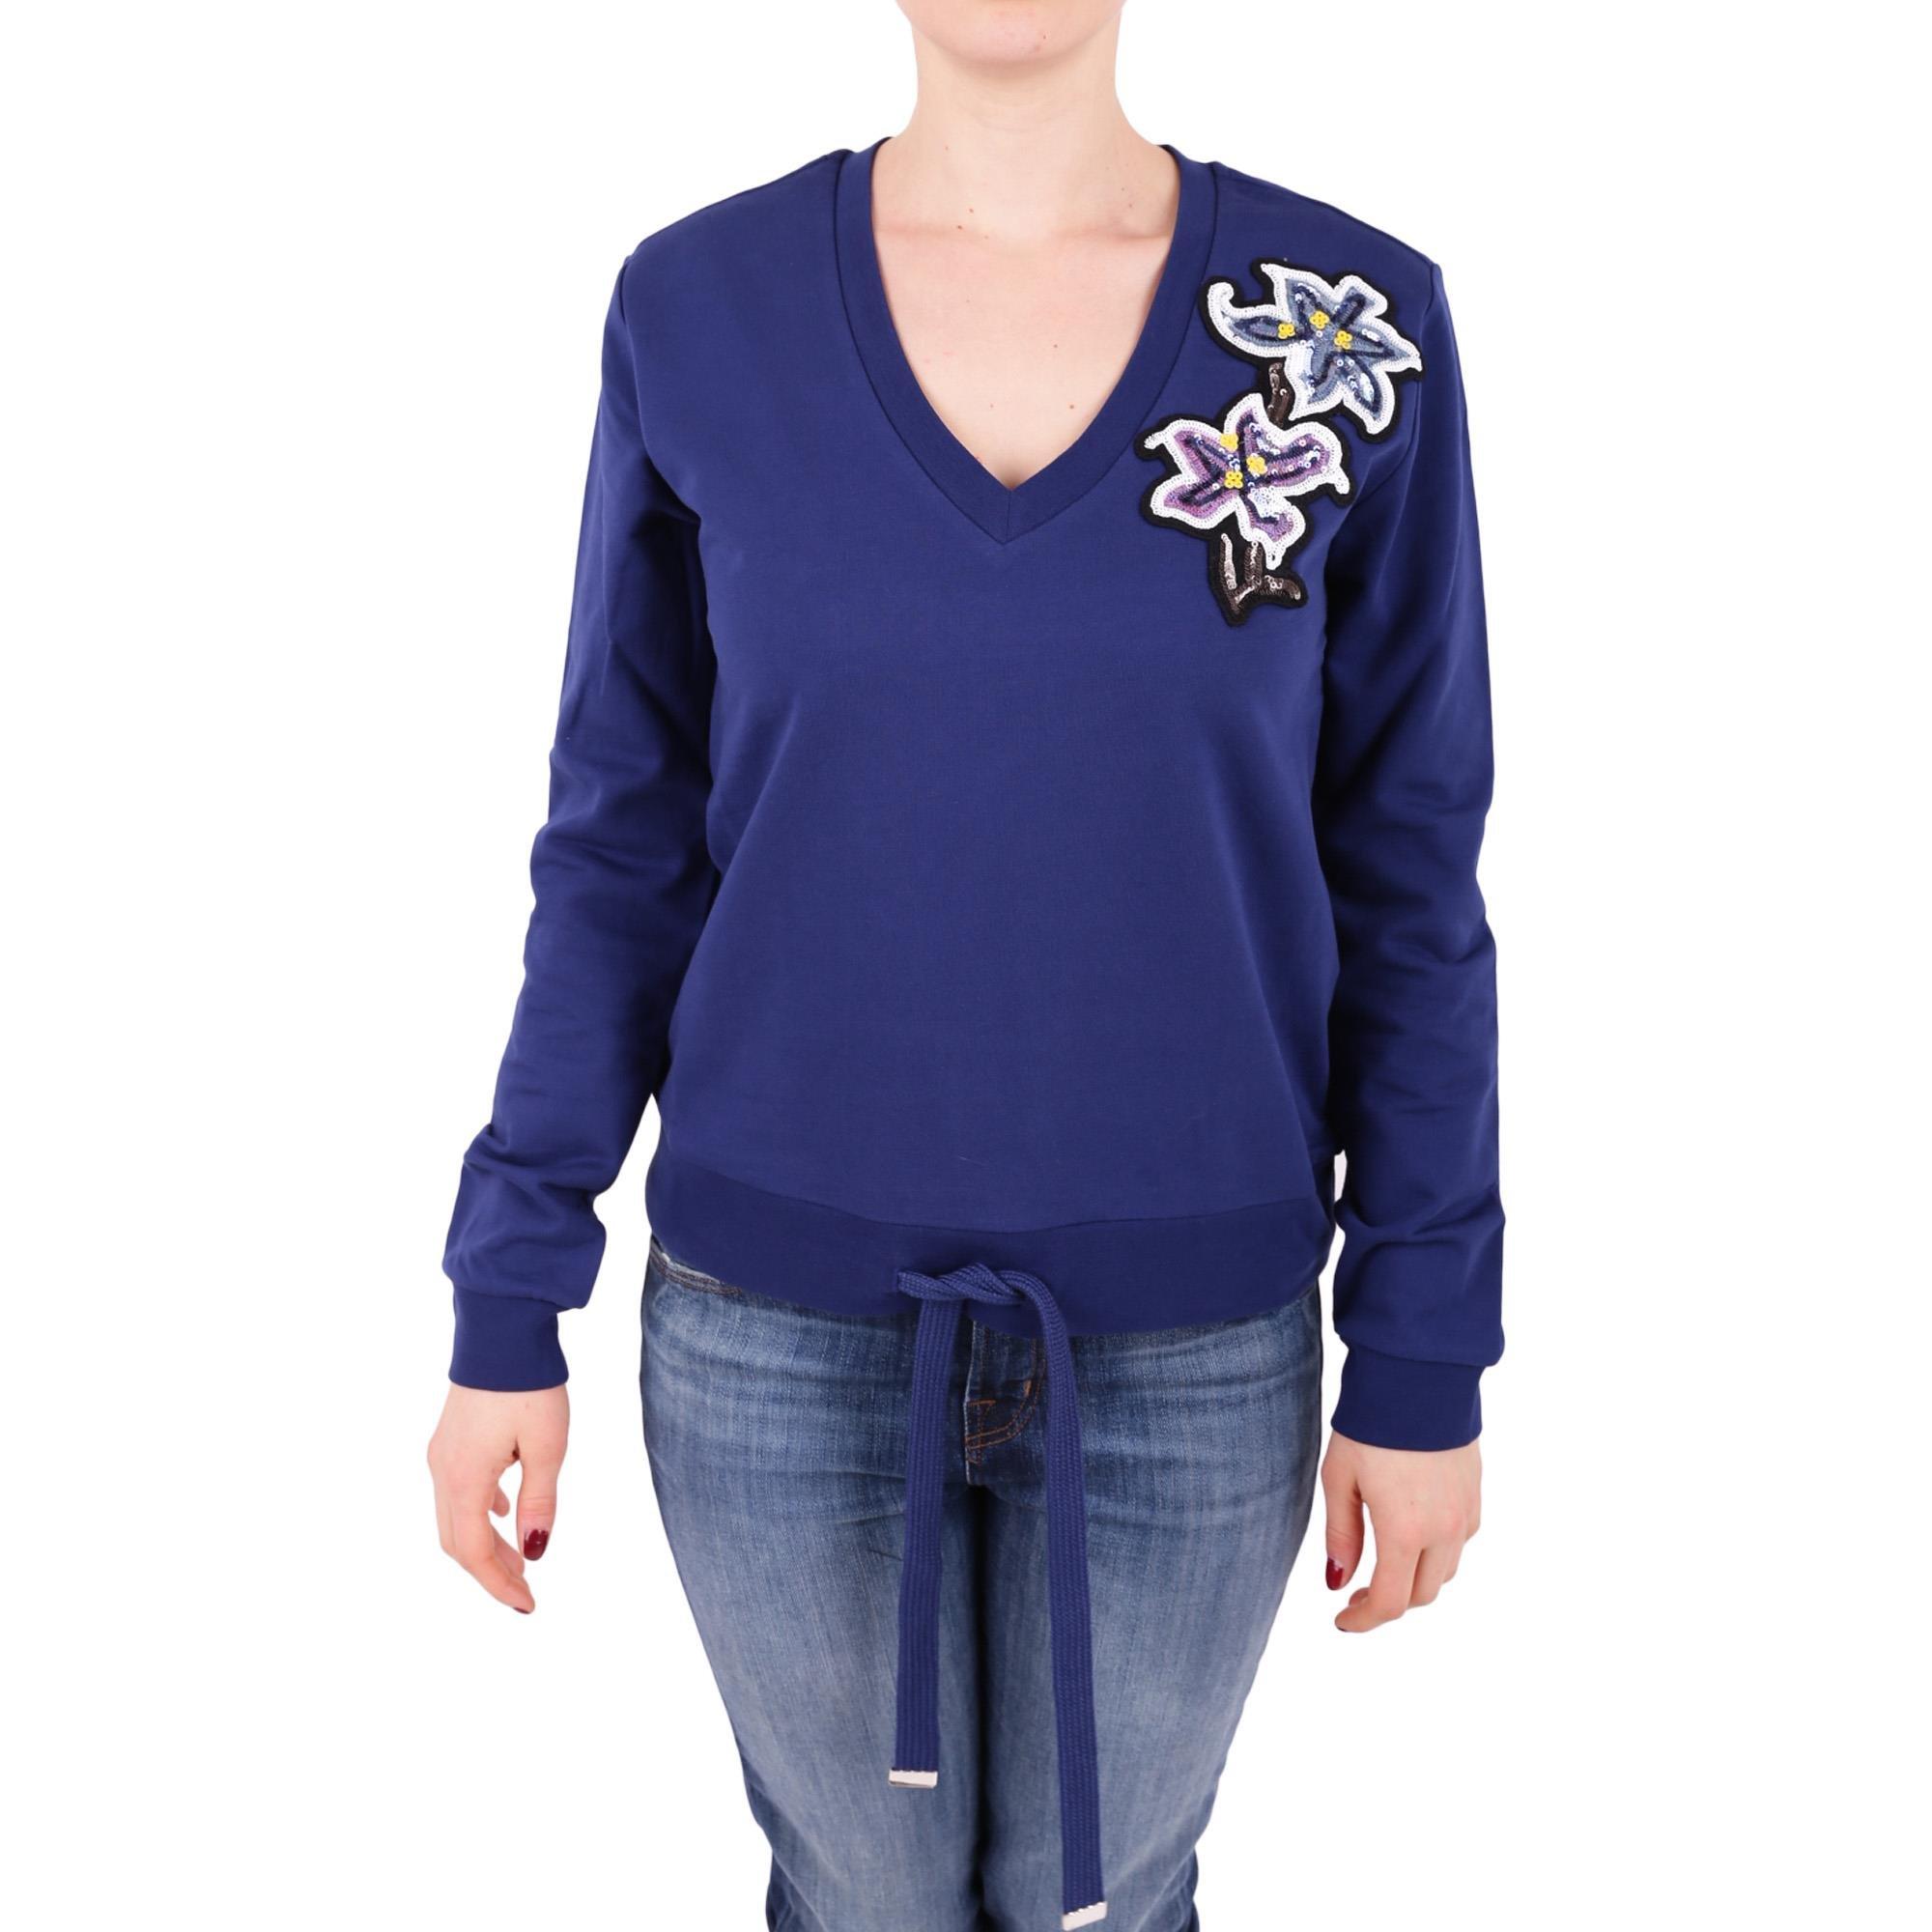 Twin-Set Women's Js82kn00535 Blue Cotton Sweatshirt